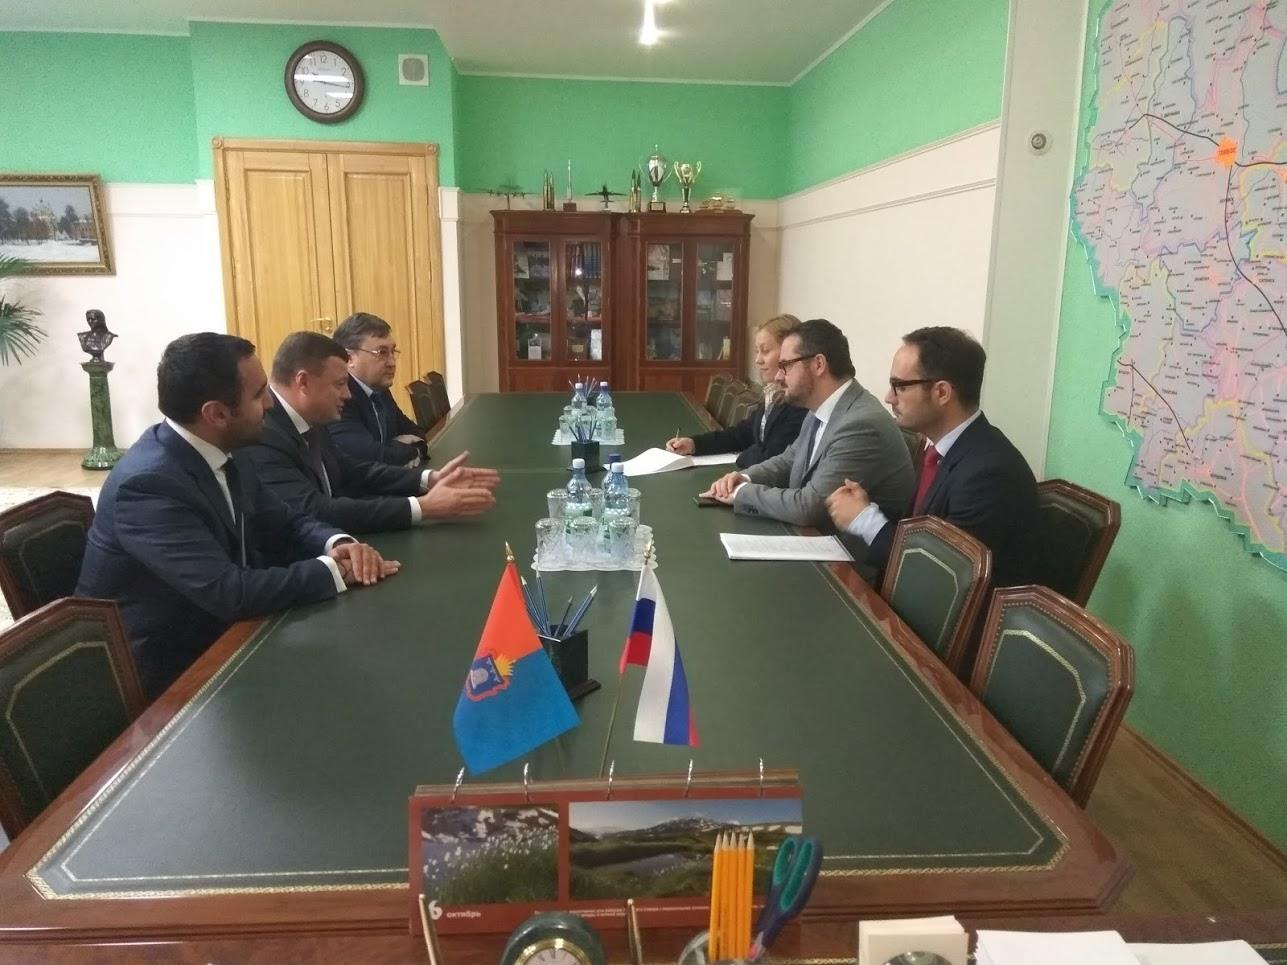 Тамбовская область развивает сотрудничество с Великим Герцогством Люксембург